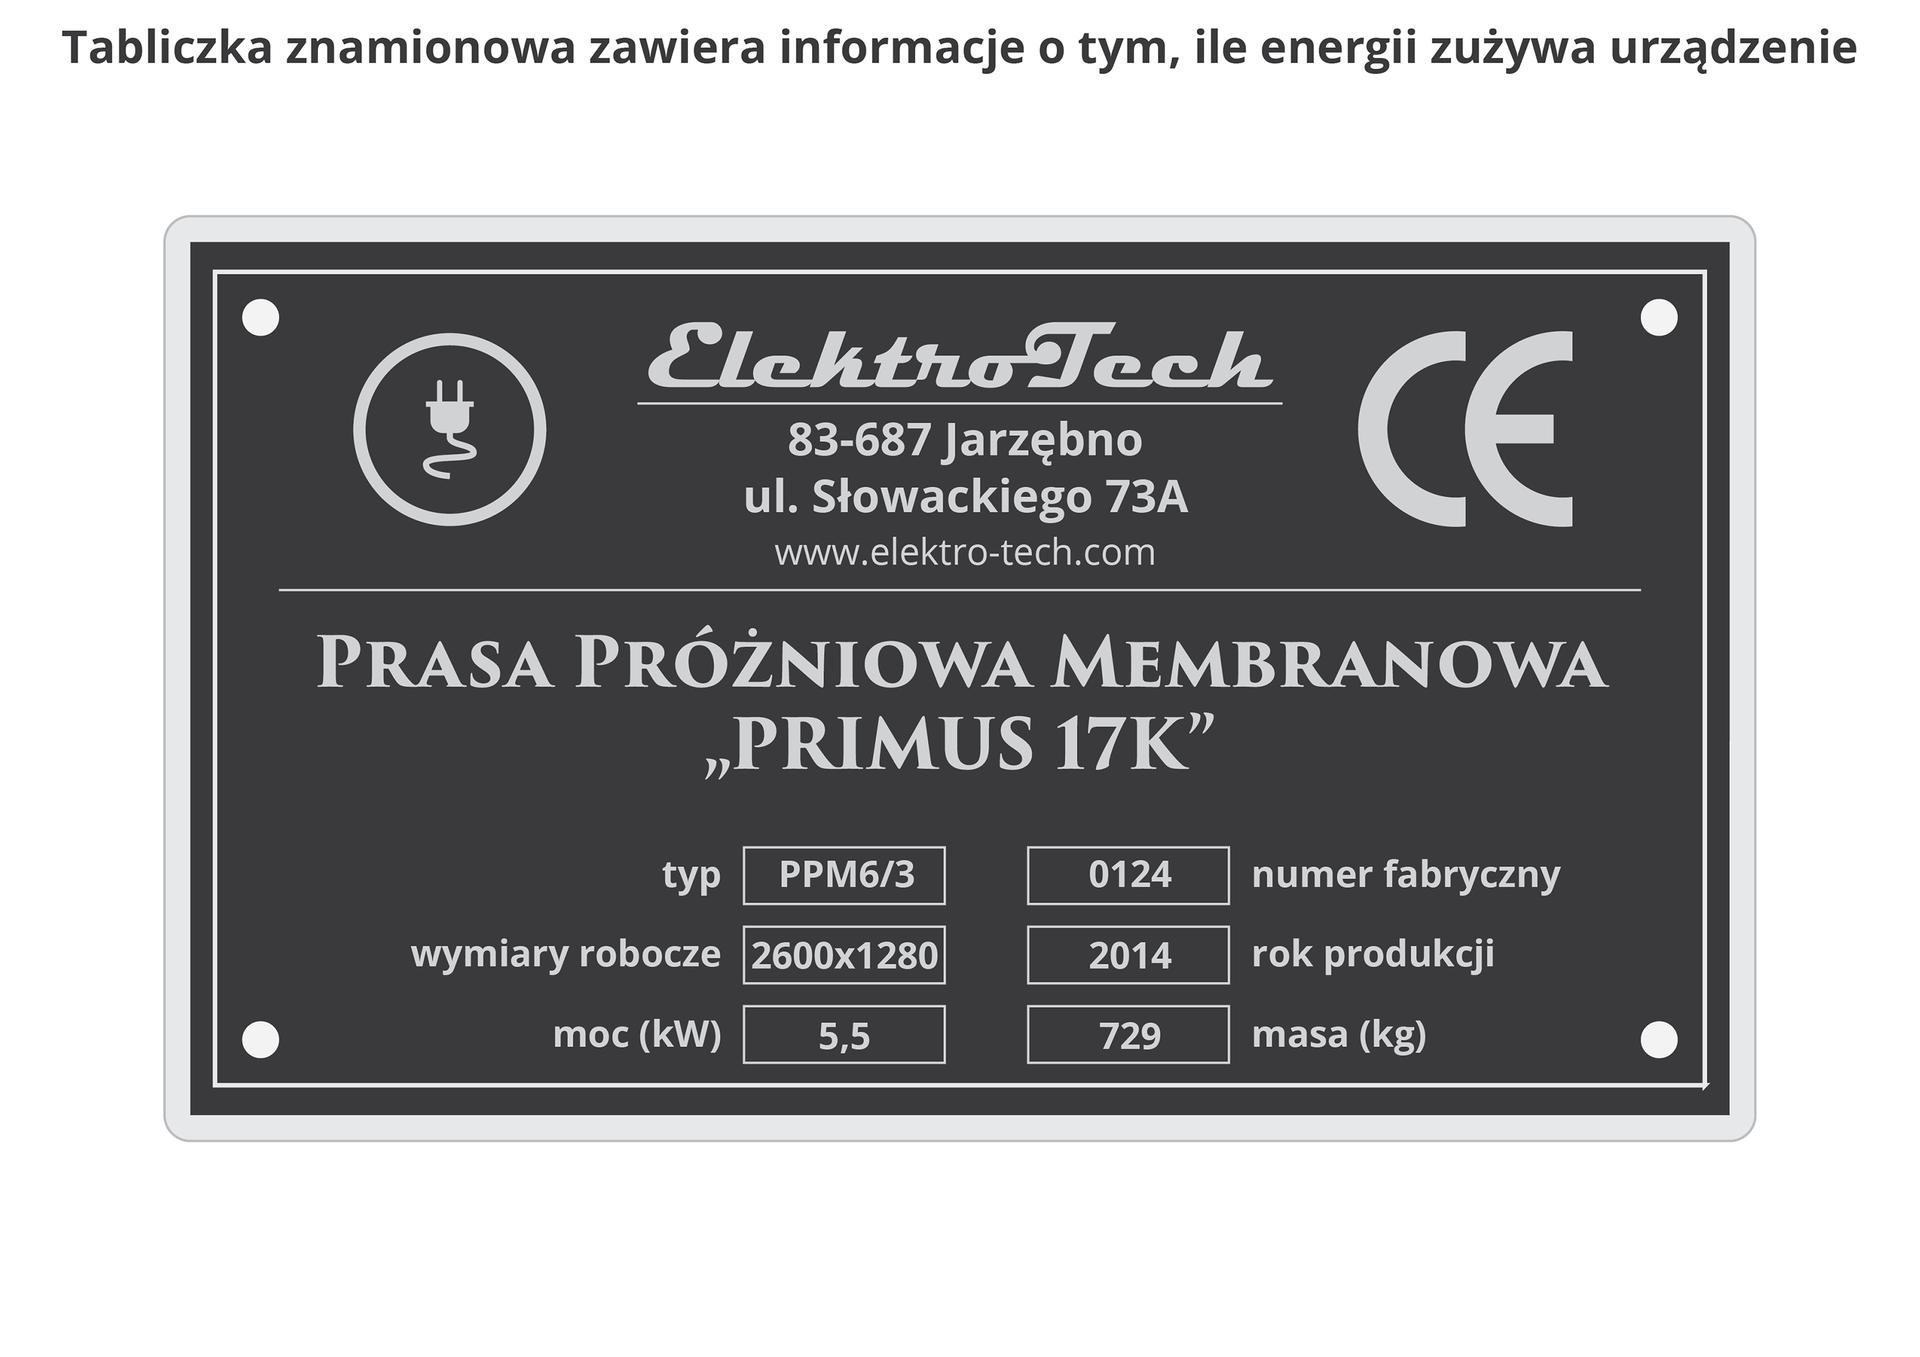 ilustracja przedstawia przykładową etykietę energetyczna wpostaci metalowej blszki umieszczanej na urządzeniach. Na czarnym tle białe litery. Napisy informują orodzaju urządzenia, jego producencie, masie urządzenia ijego mocy.